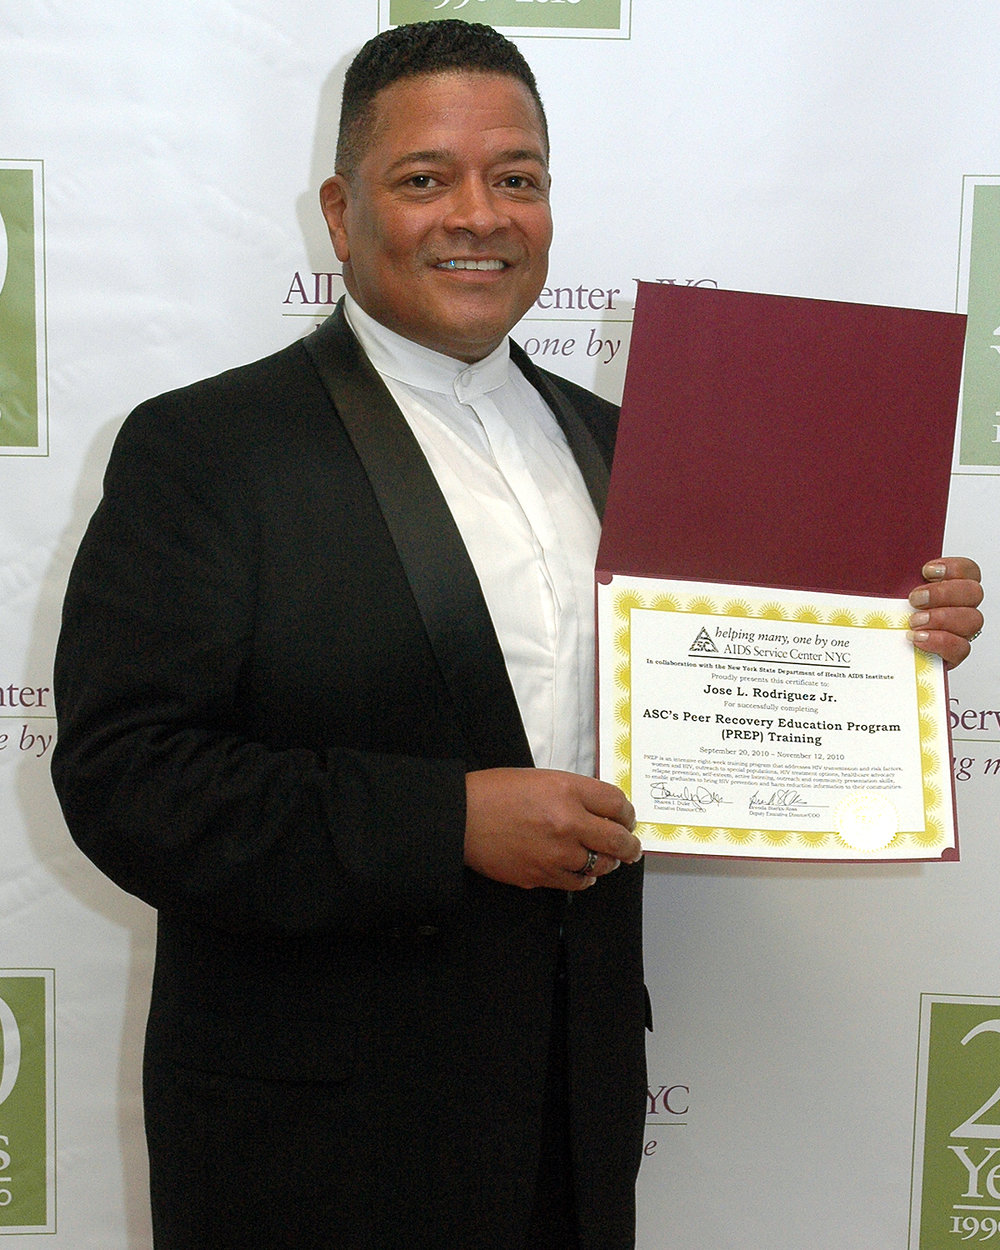 Jose Rodriquez, Jr.